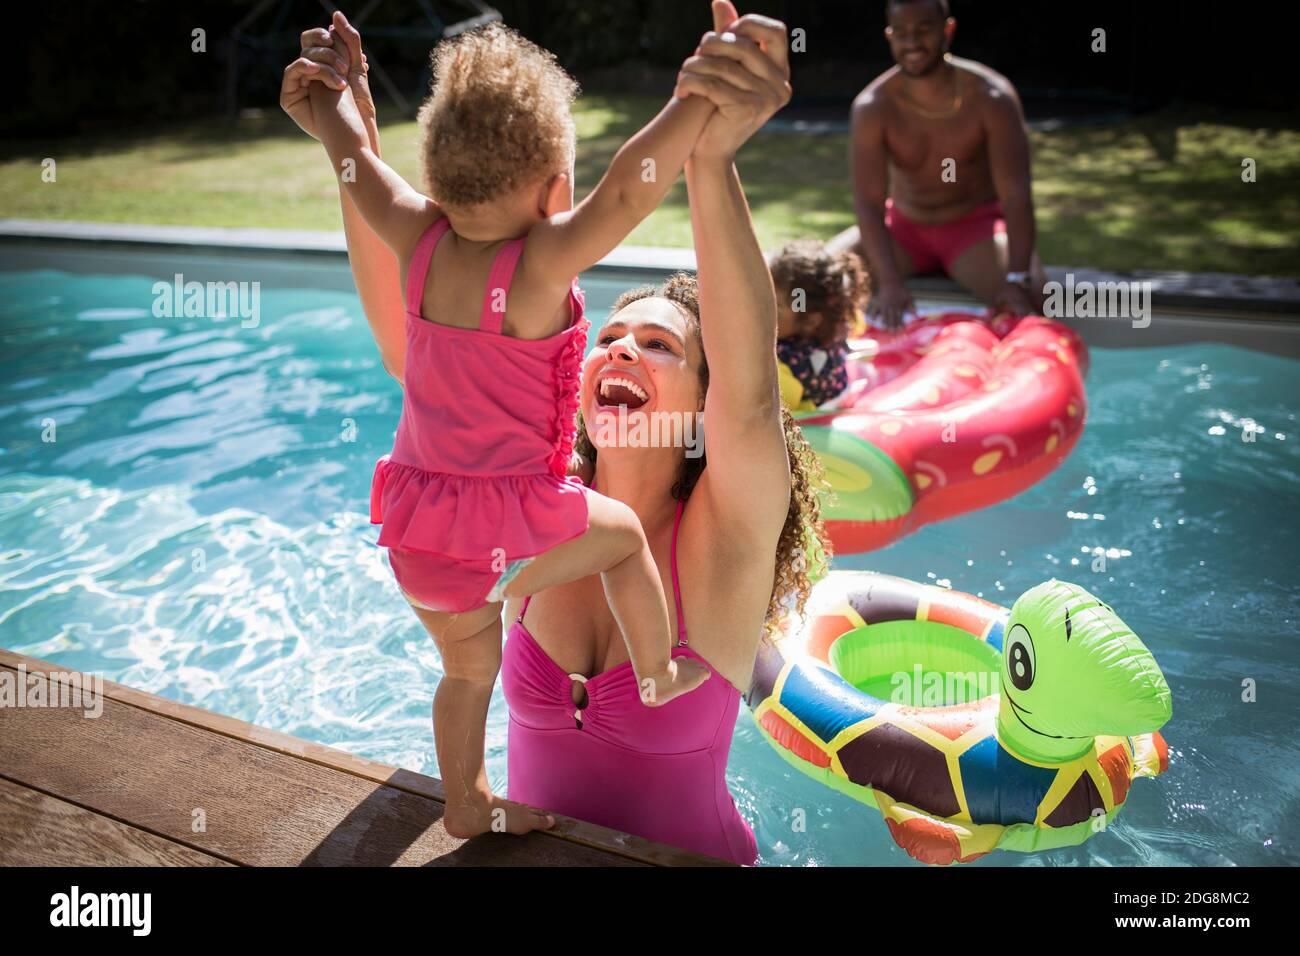 Madre juguetona levantando a su hija pequeña en la piscina soleada Foto de stock